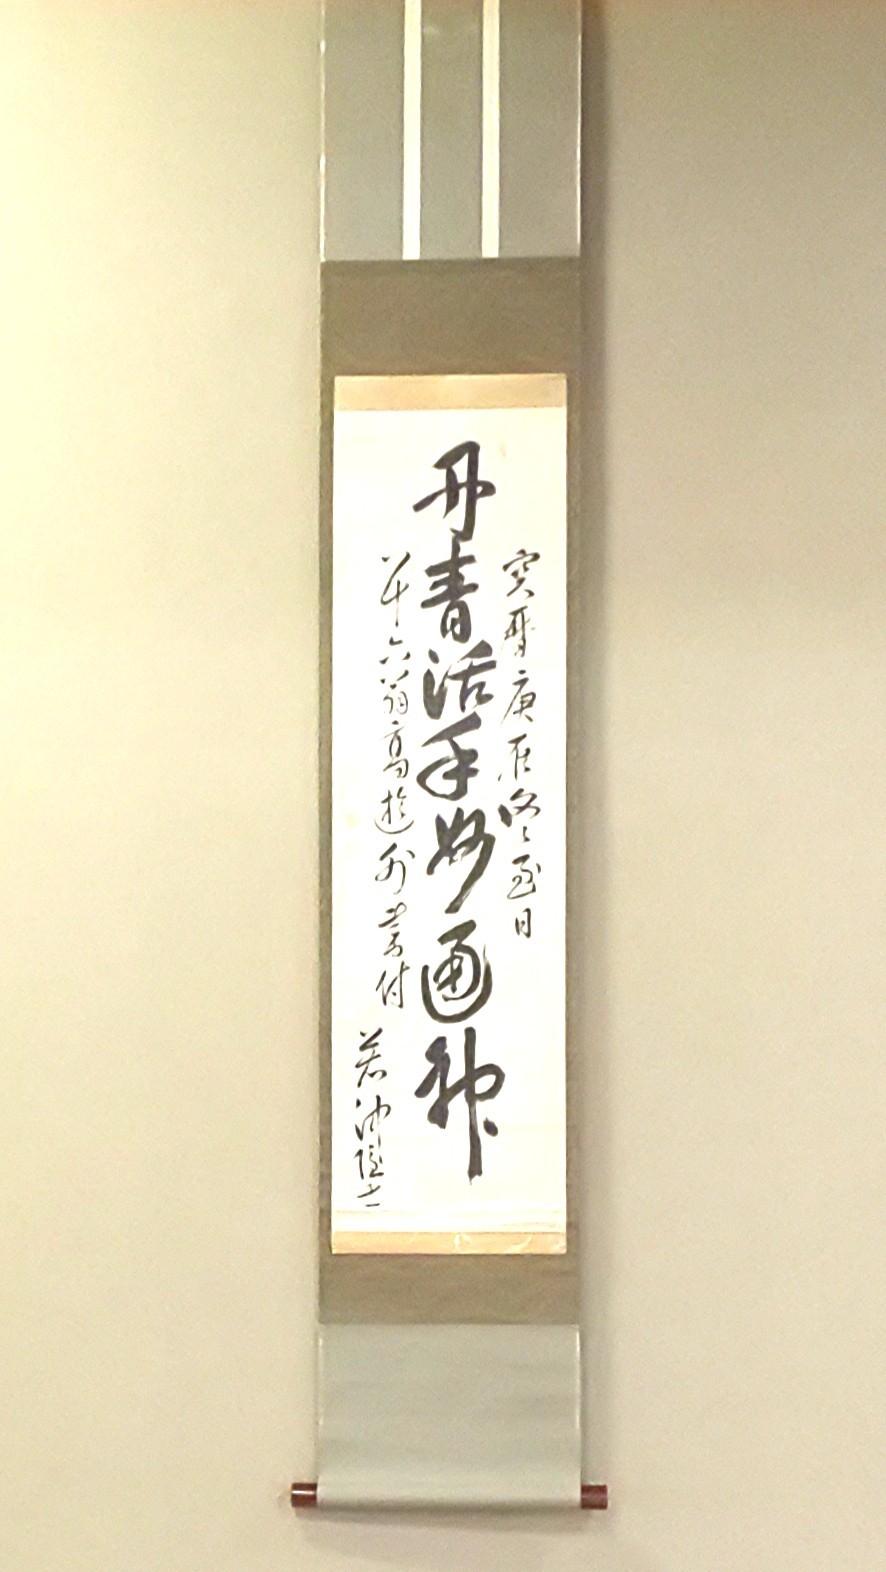 1月16日 「薮入り」の日・若冲と売茶翁について_b0255824_08325187.jpg